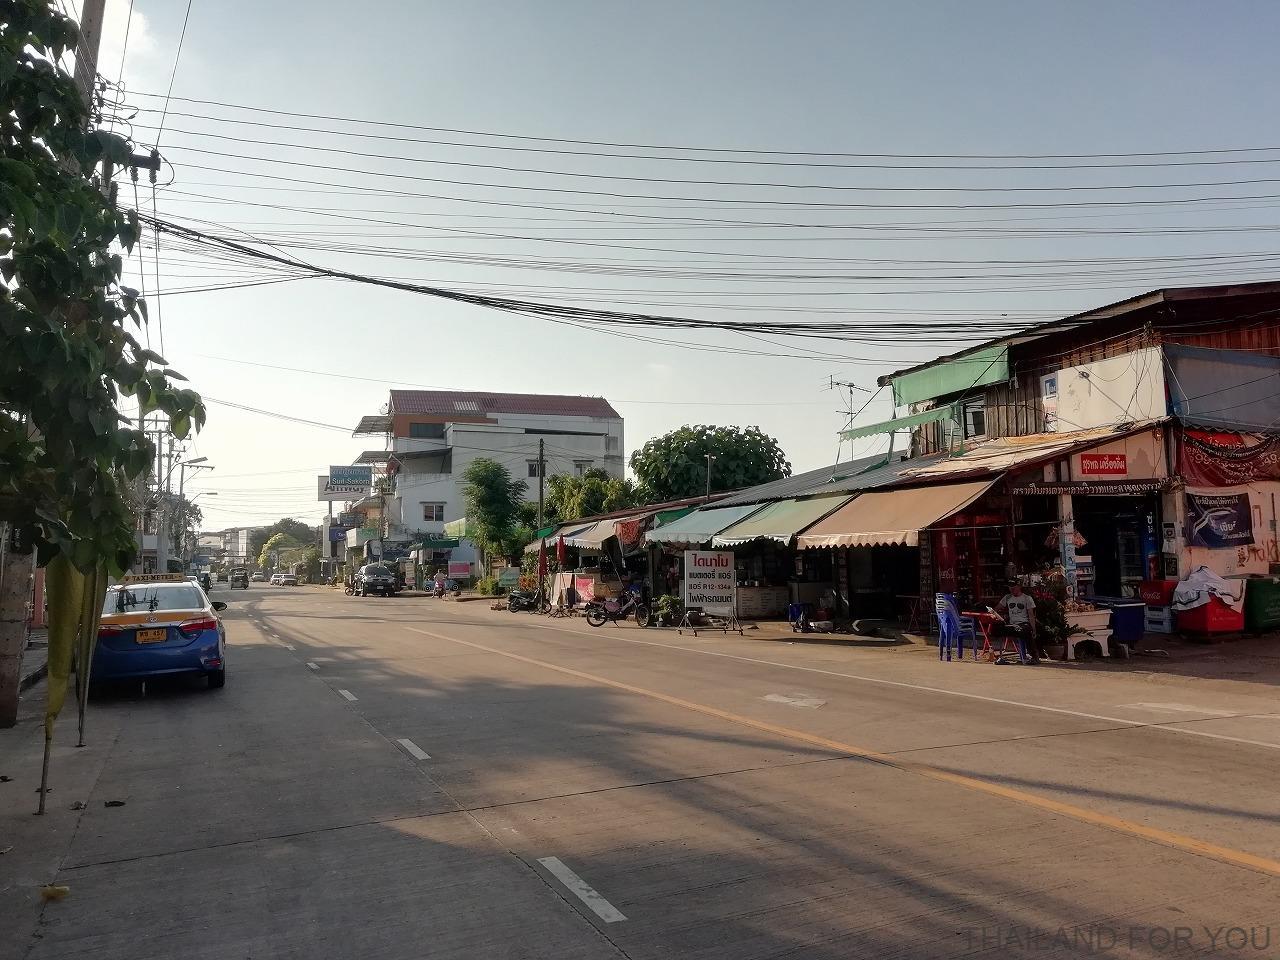 ウボンラチャタニ 街並み 写真